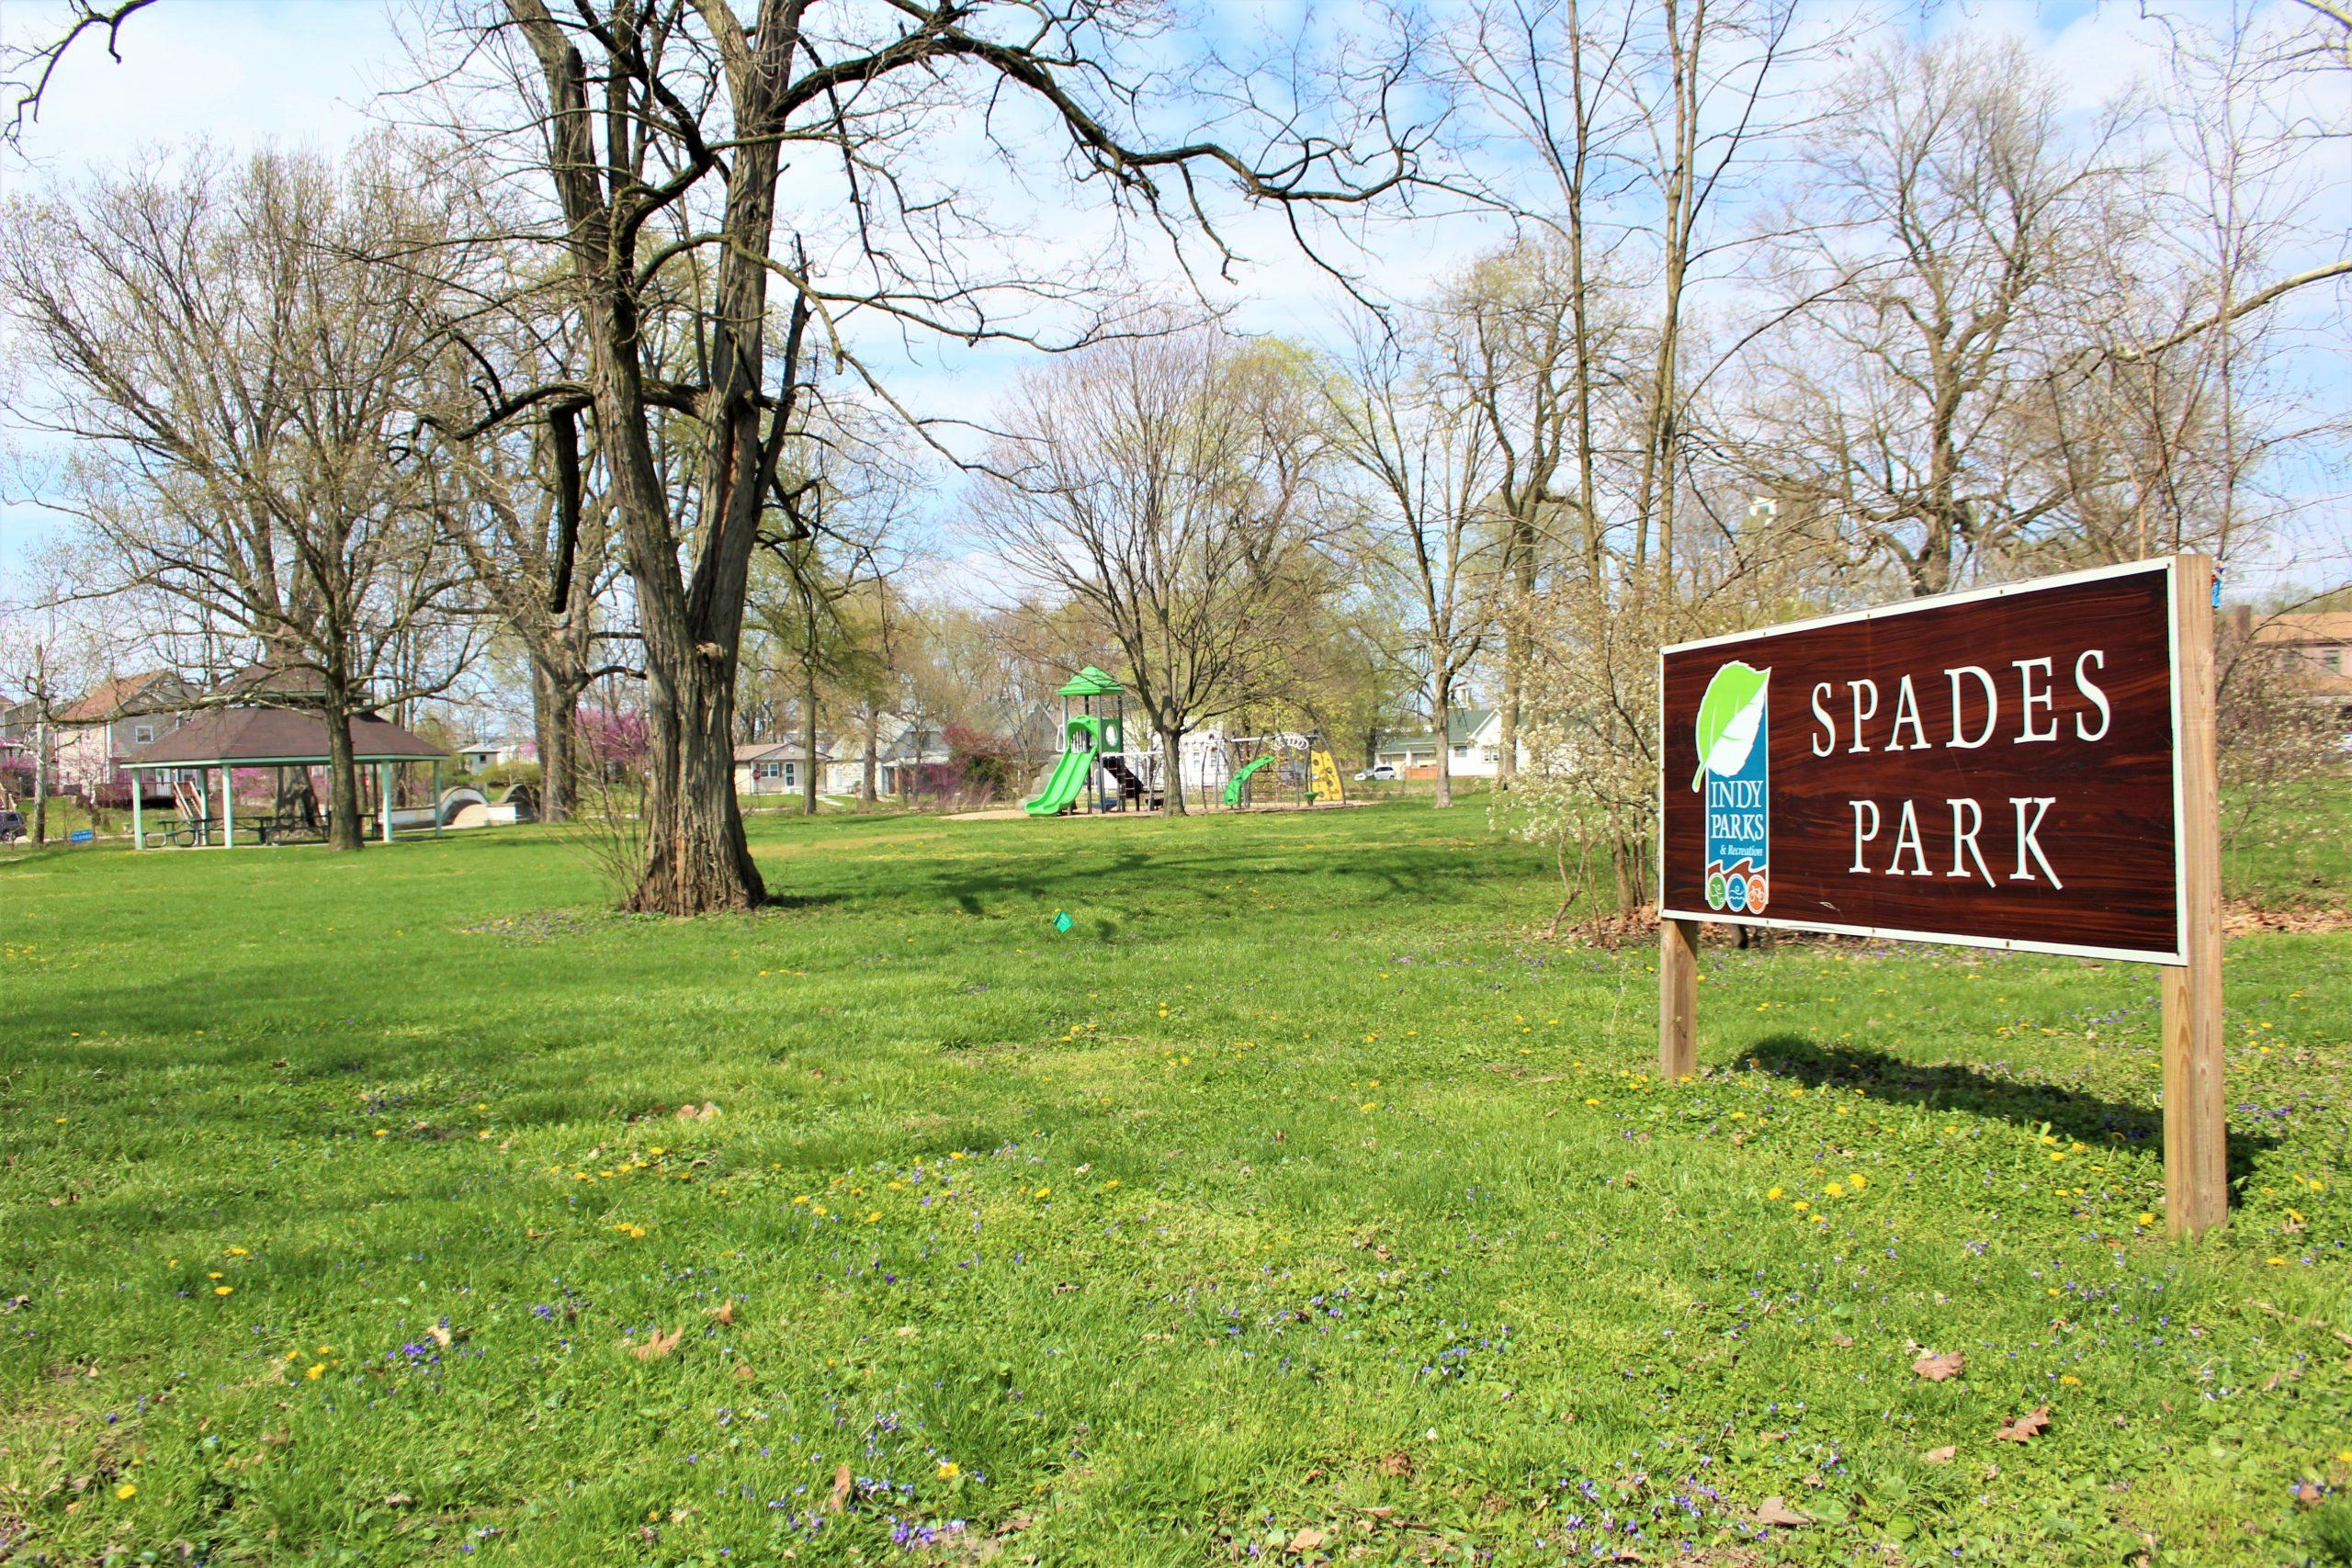 Windsor Park - Spades Park